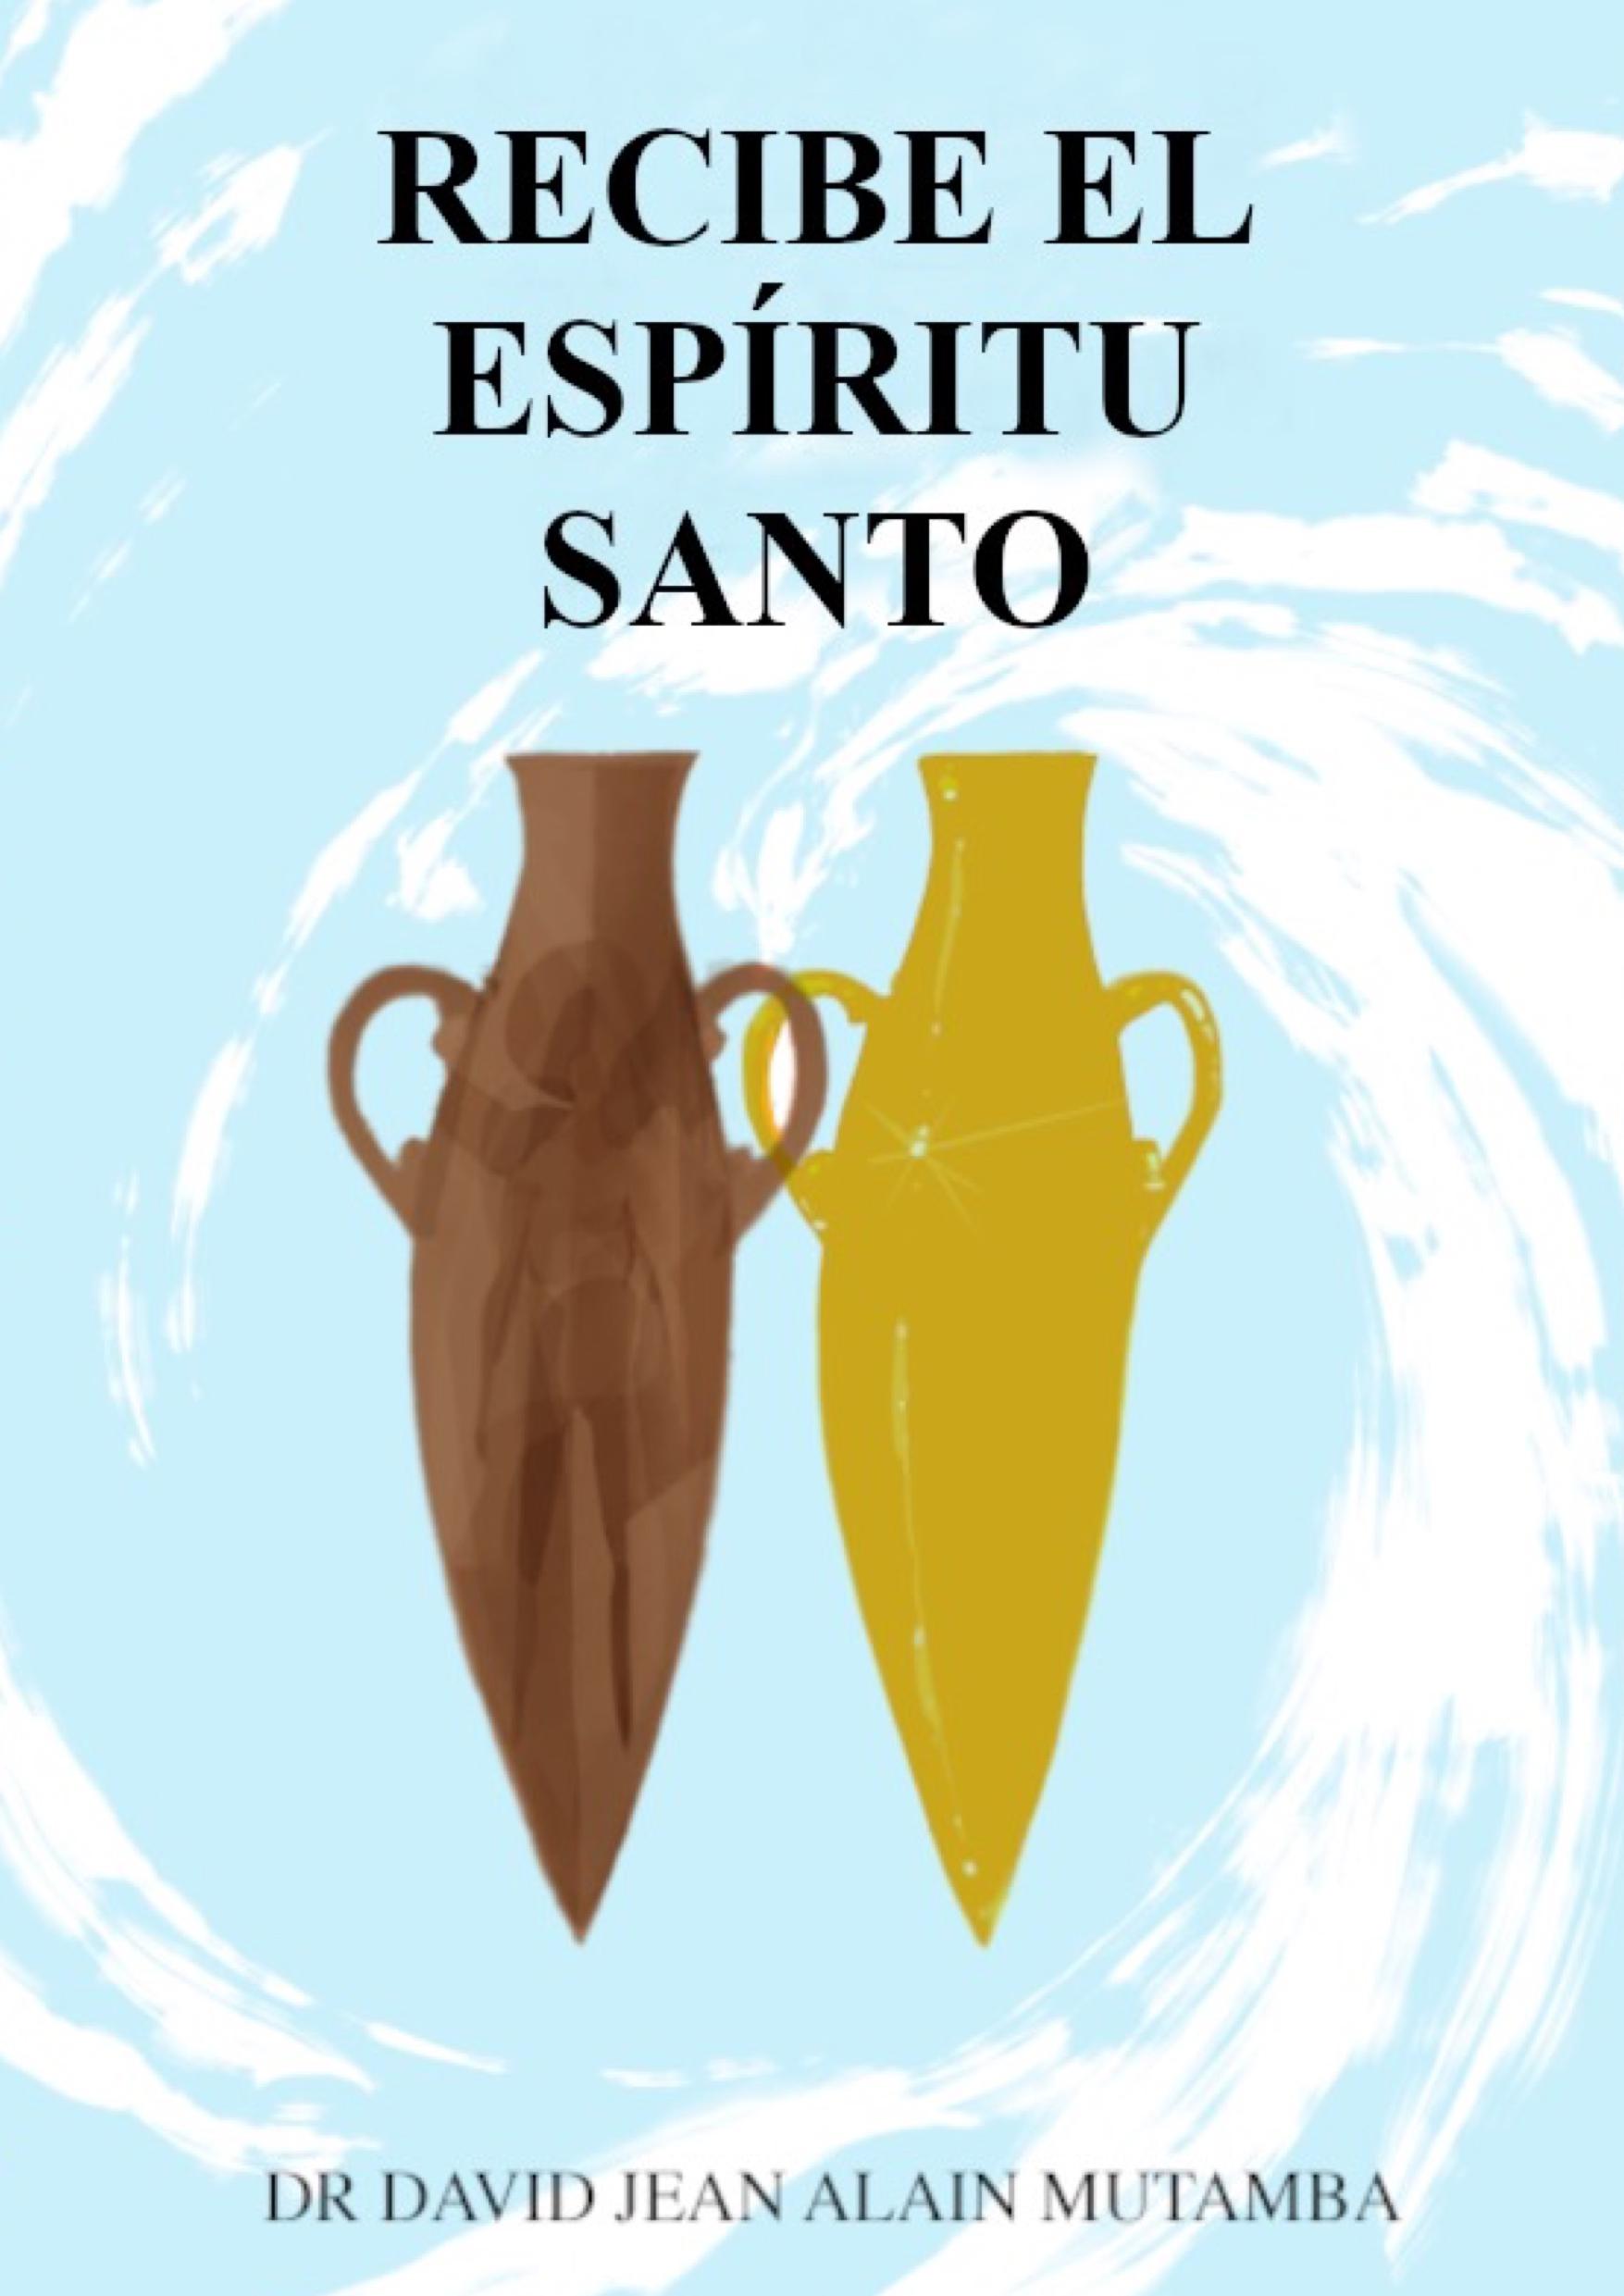 RECIBE EL ESPIRITU SANTO